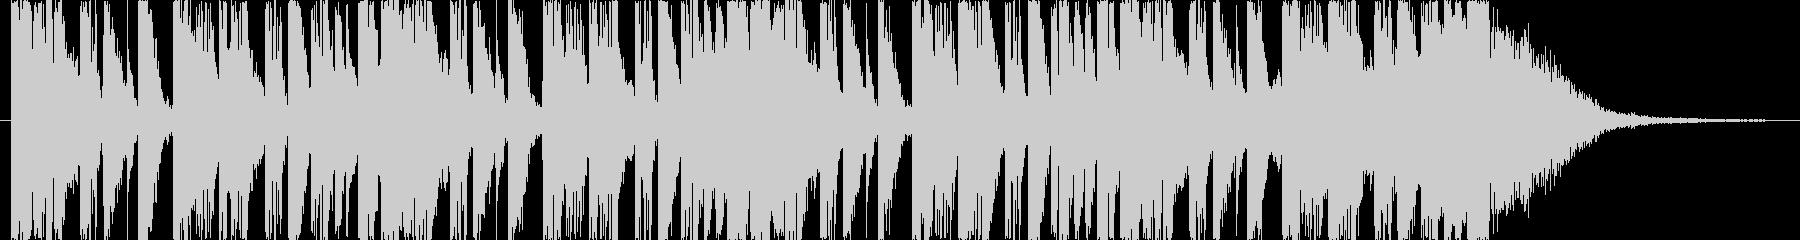 番組アタックやCM,ジングルに最適リズムの未再生の波形